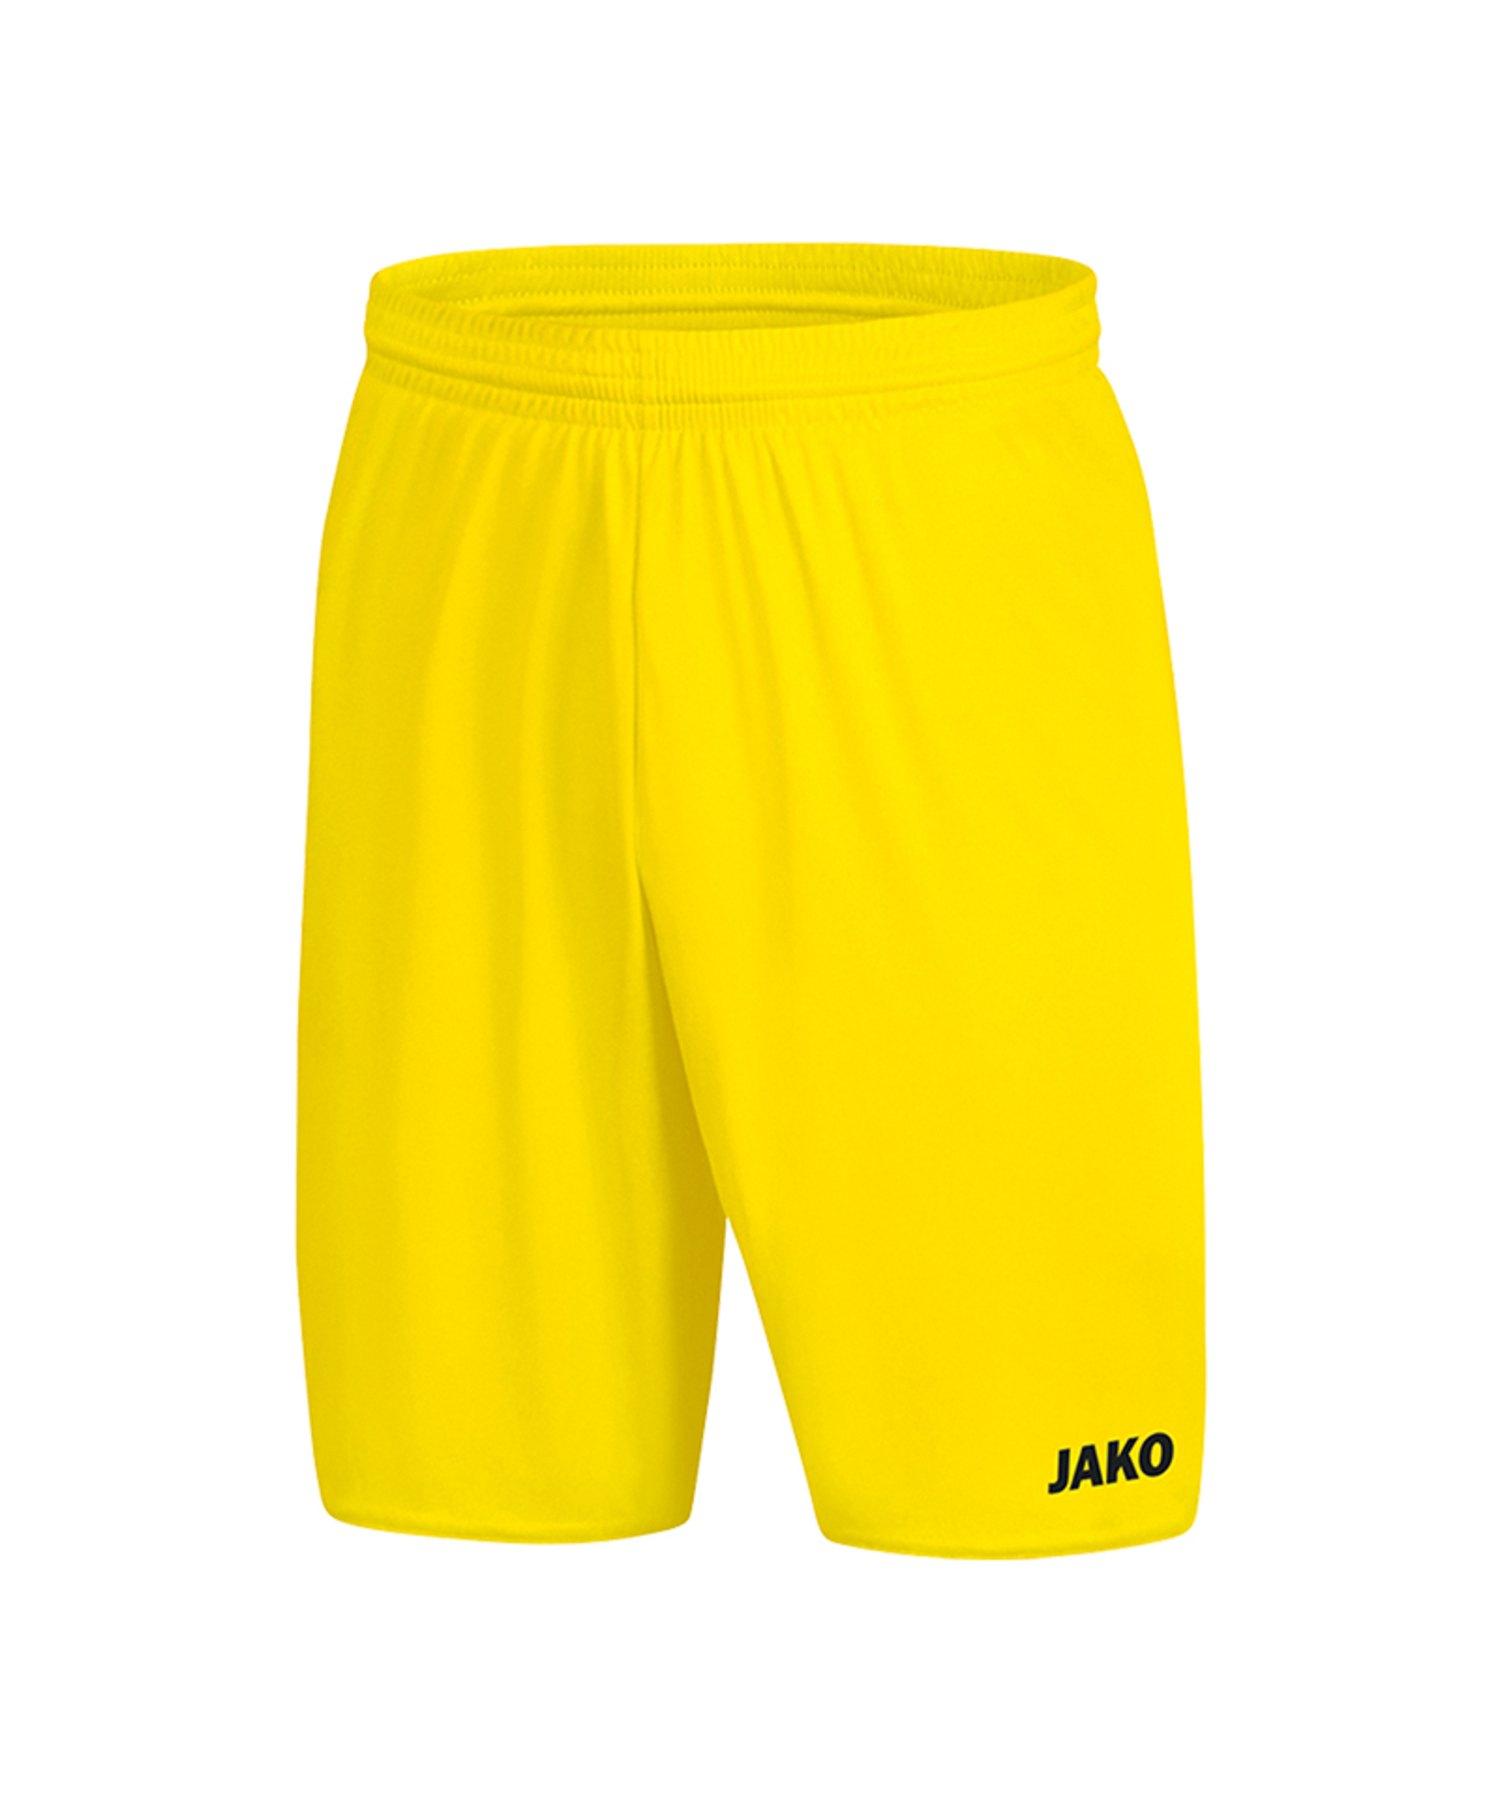 Jako Manchester 2.0 Short ohne Innenslip Gelb F03 - Gelb